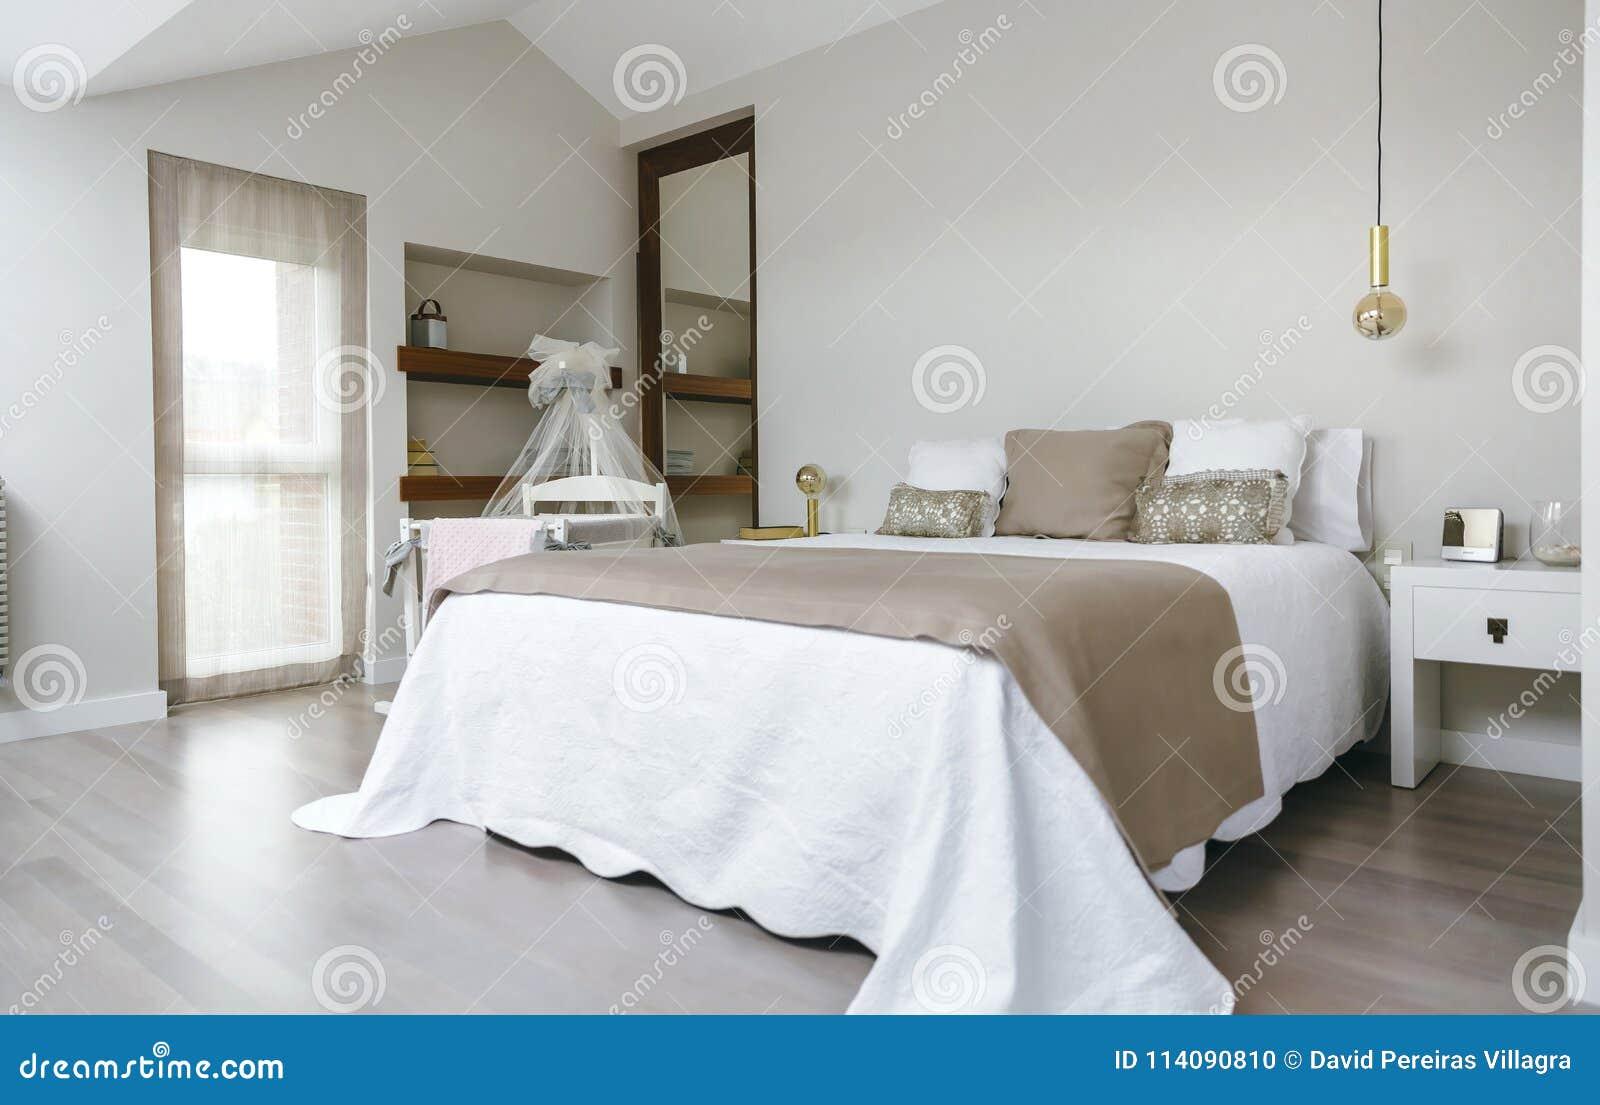 Slaapkamer met tweepersoonsbed en wieg stock foto afbeelding